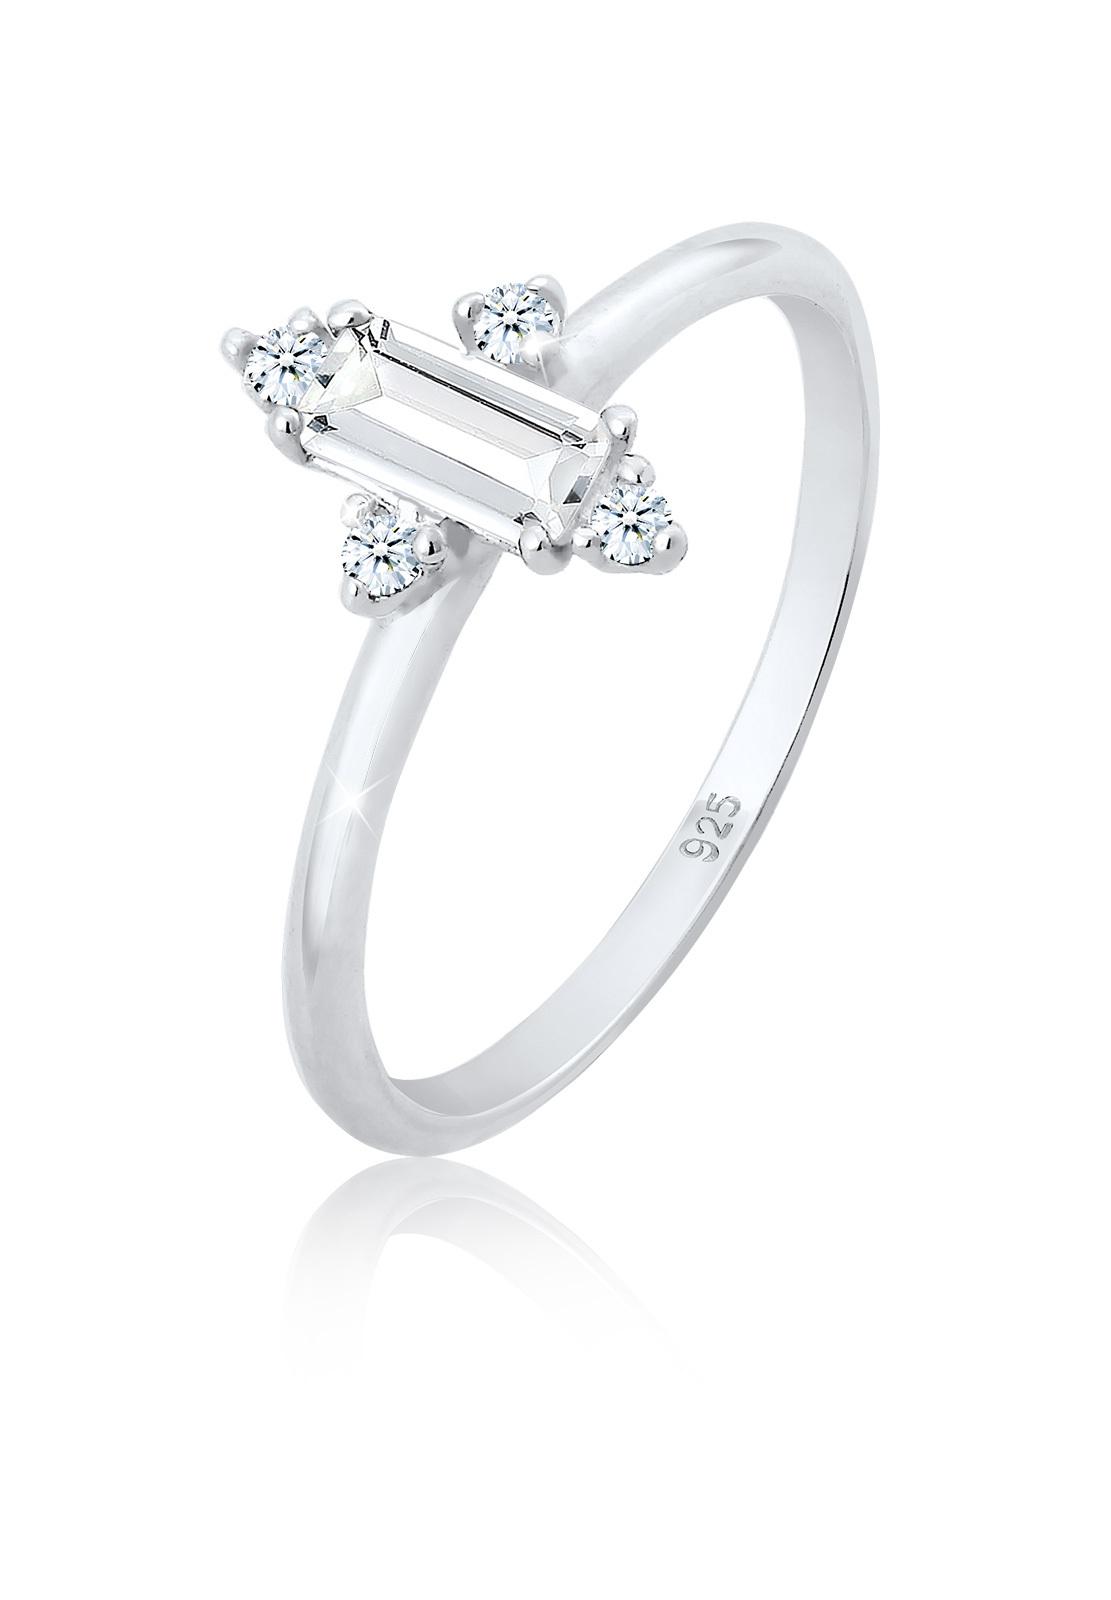 Verlobungsring   Diamant ( Weiß, 0,06 ct )   925er Sterling Silber